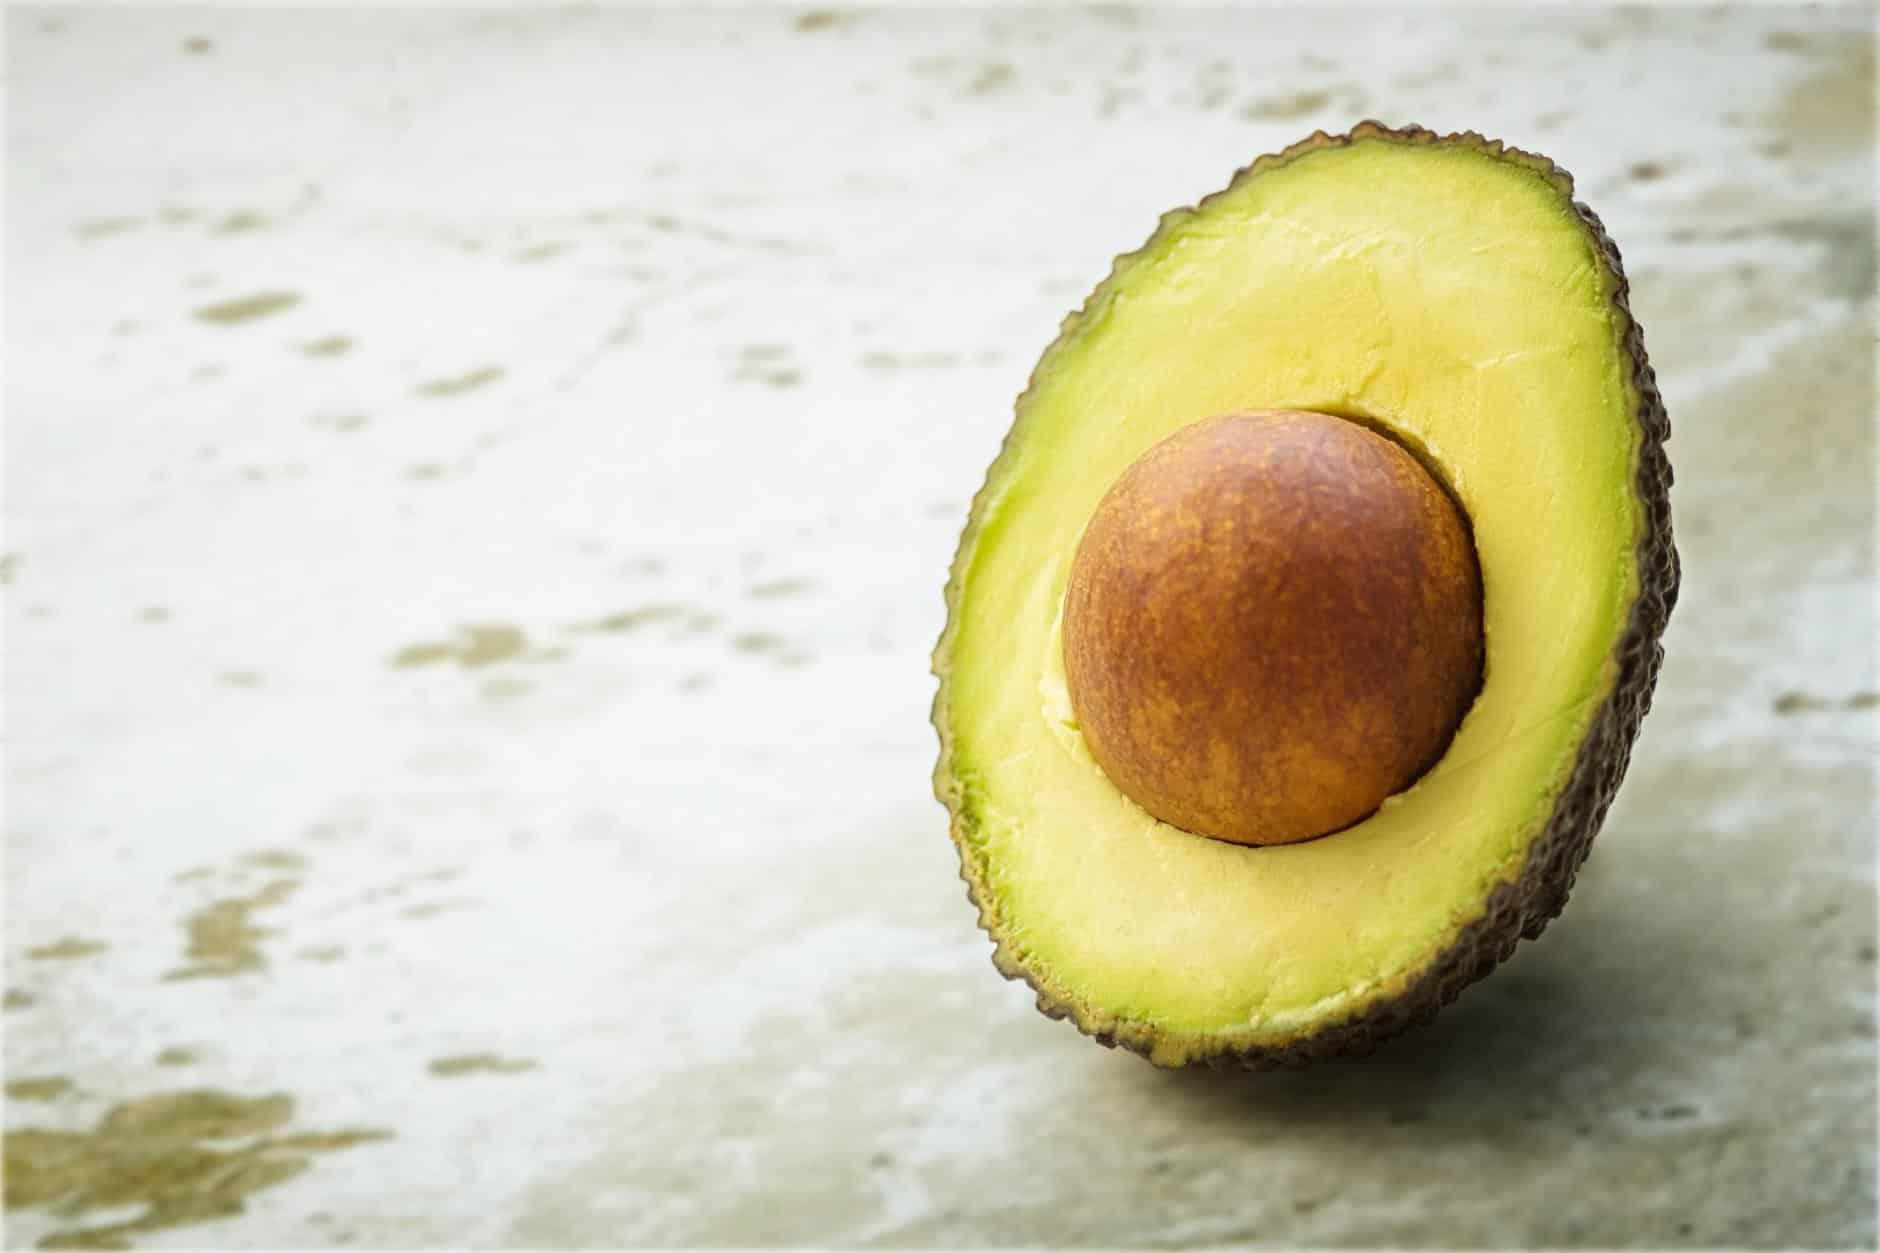 Harina de semillas de aguacate: alto potencial nutricional. Beneficios y cómo prepararla